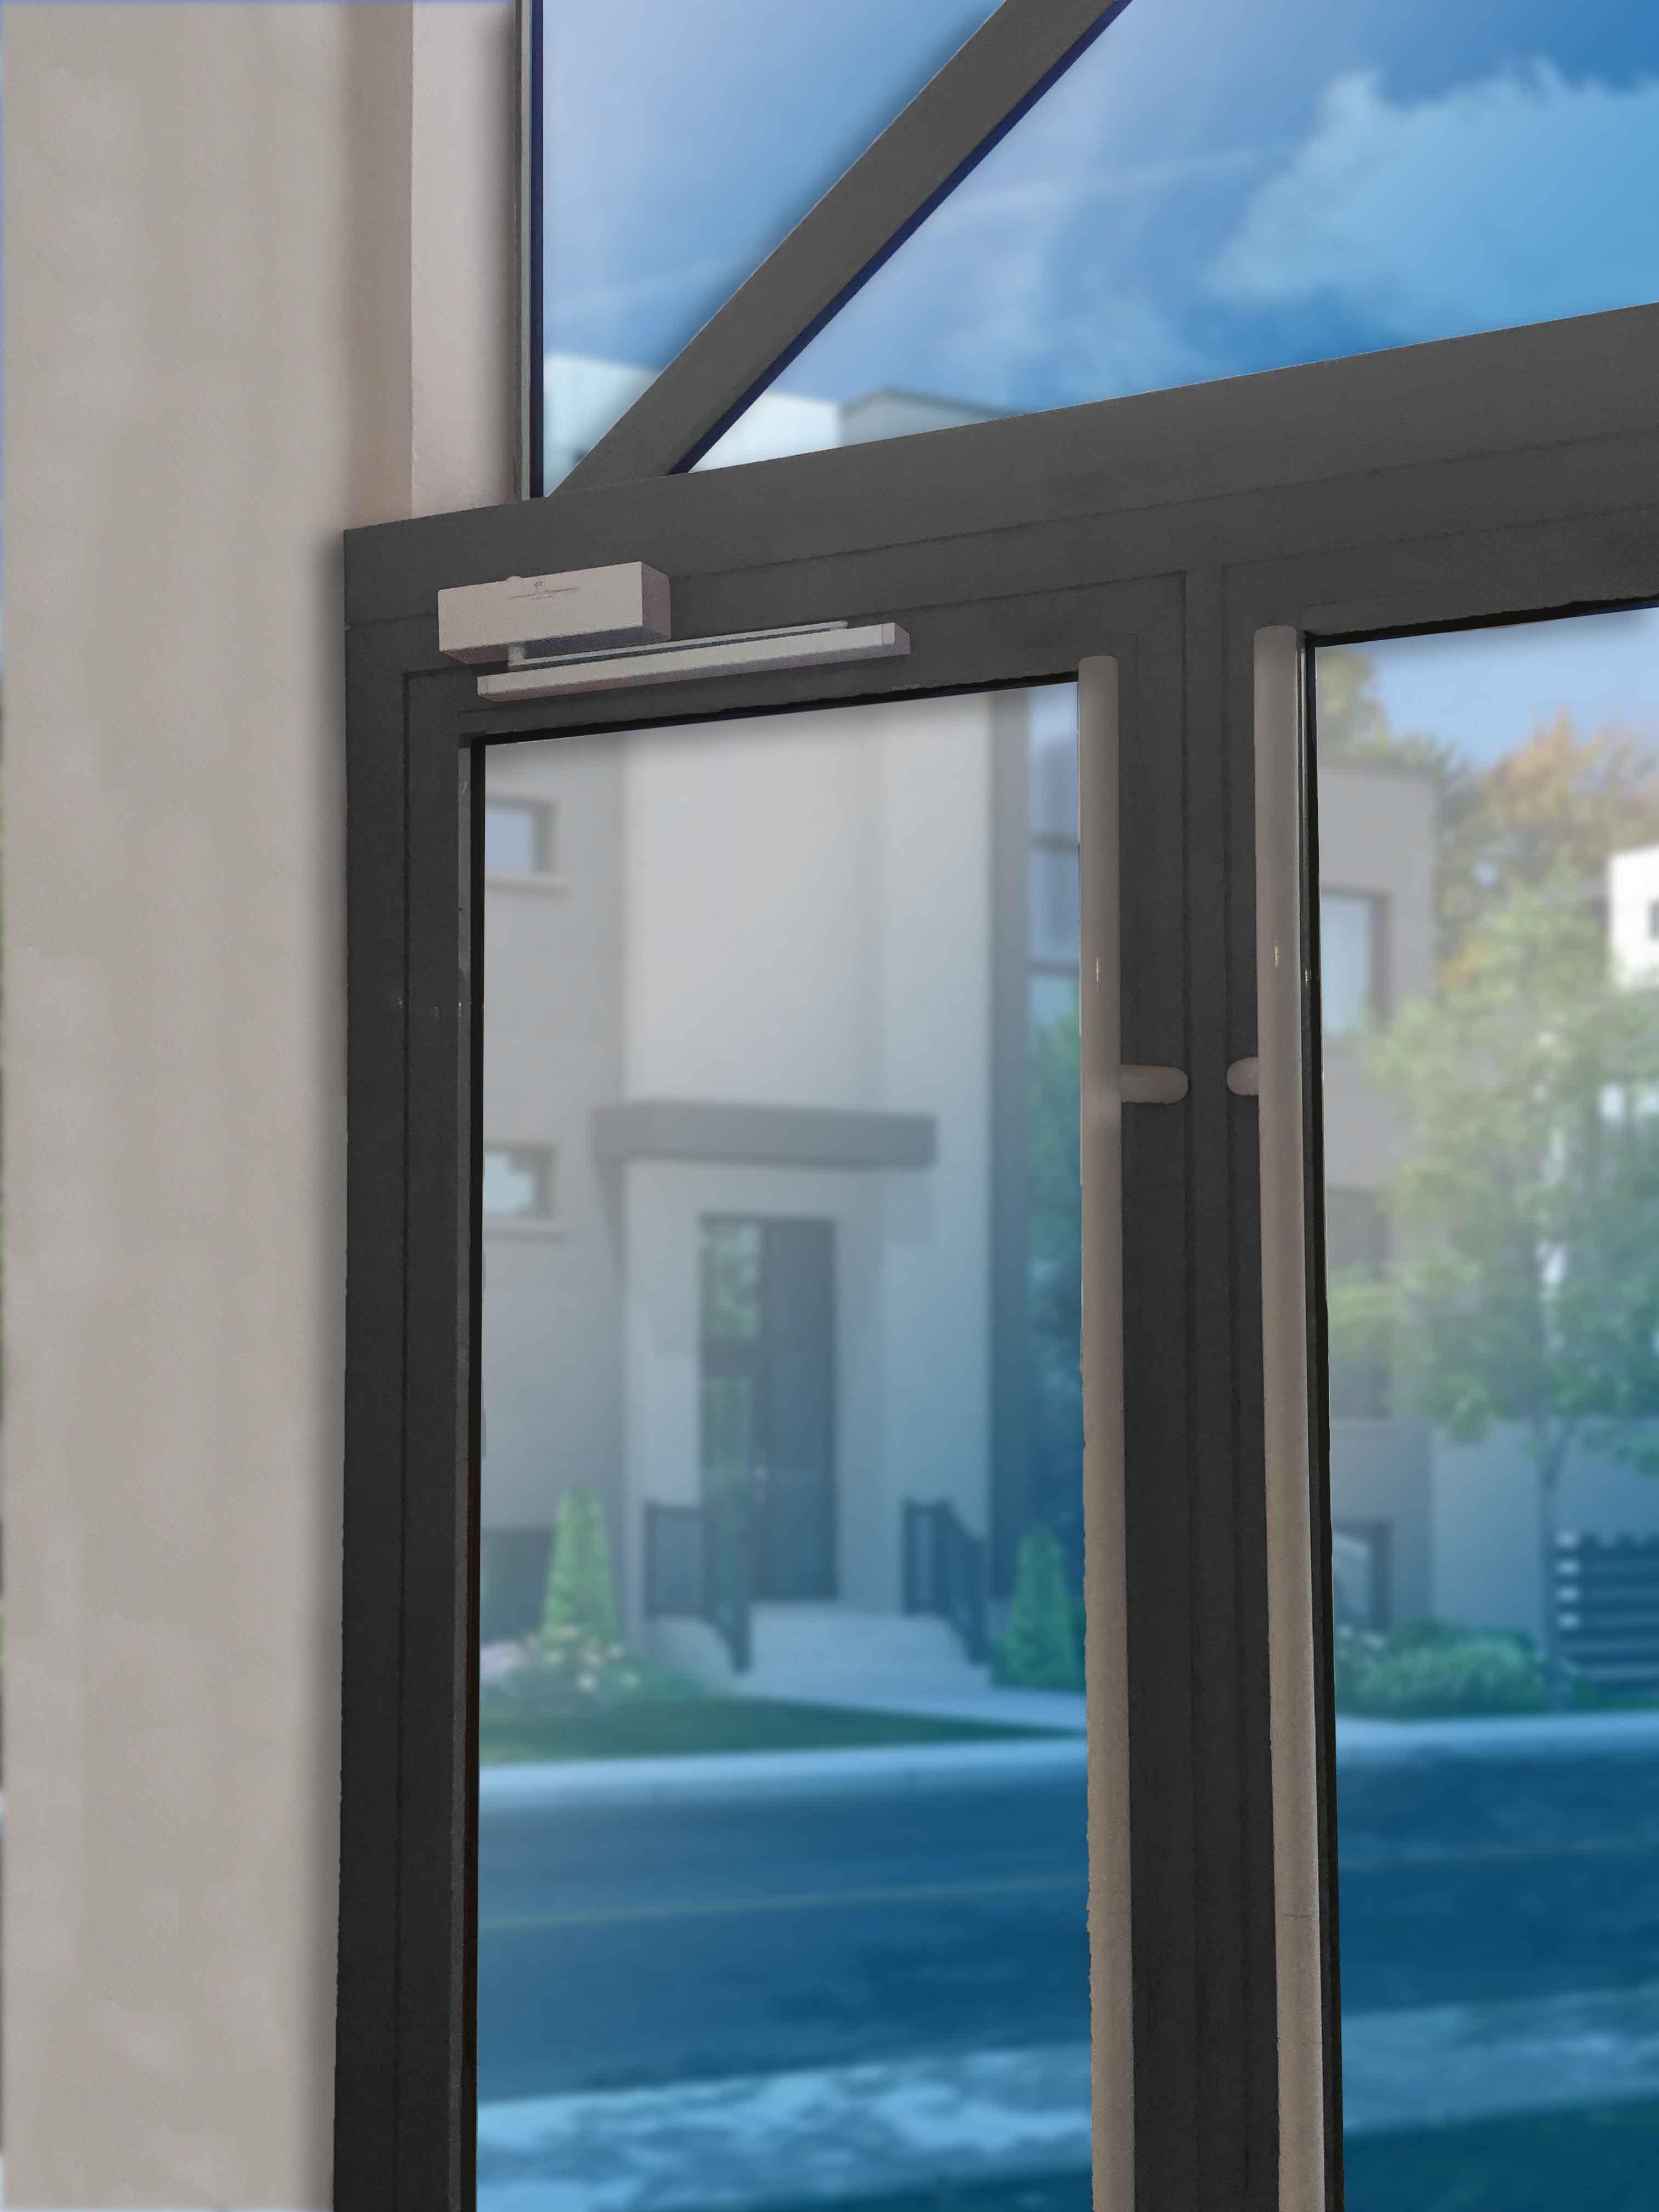 GROOM 3400 et GROOM 3500 - Ferme-portes